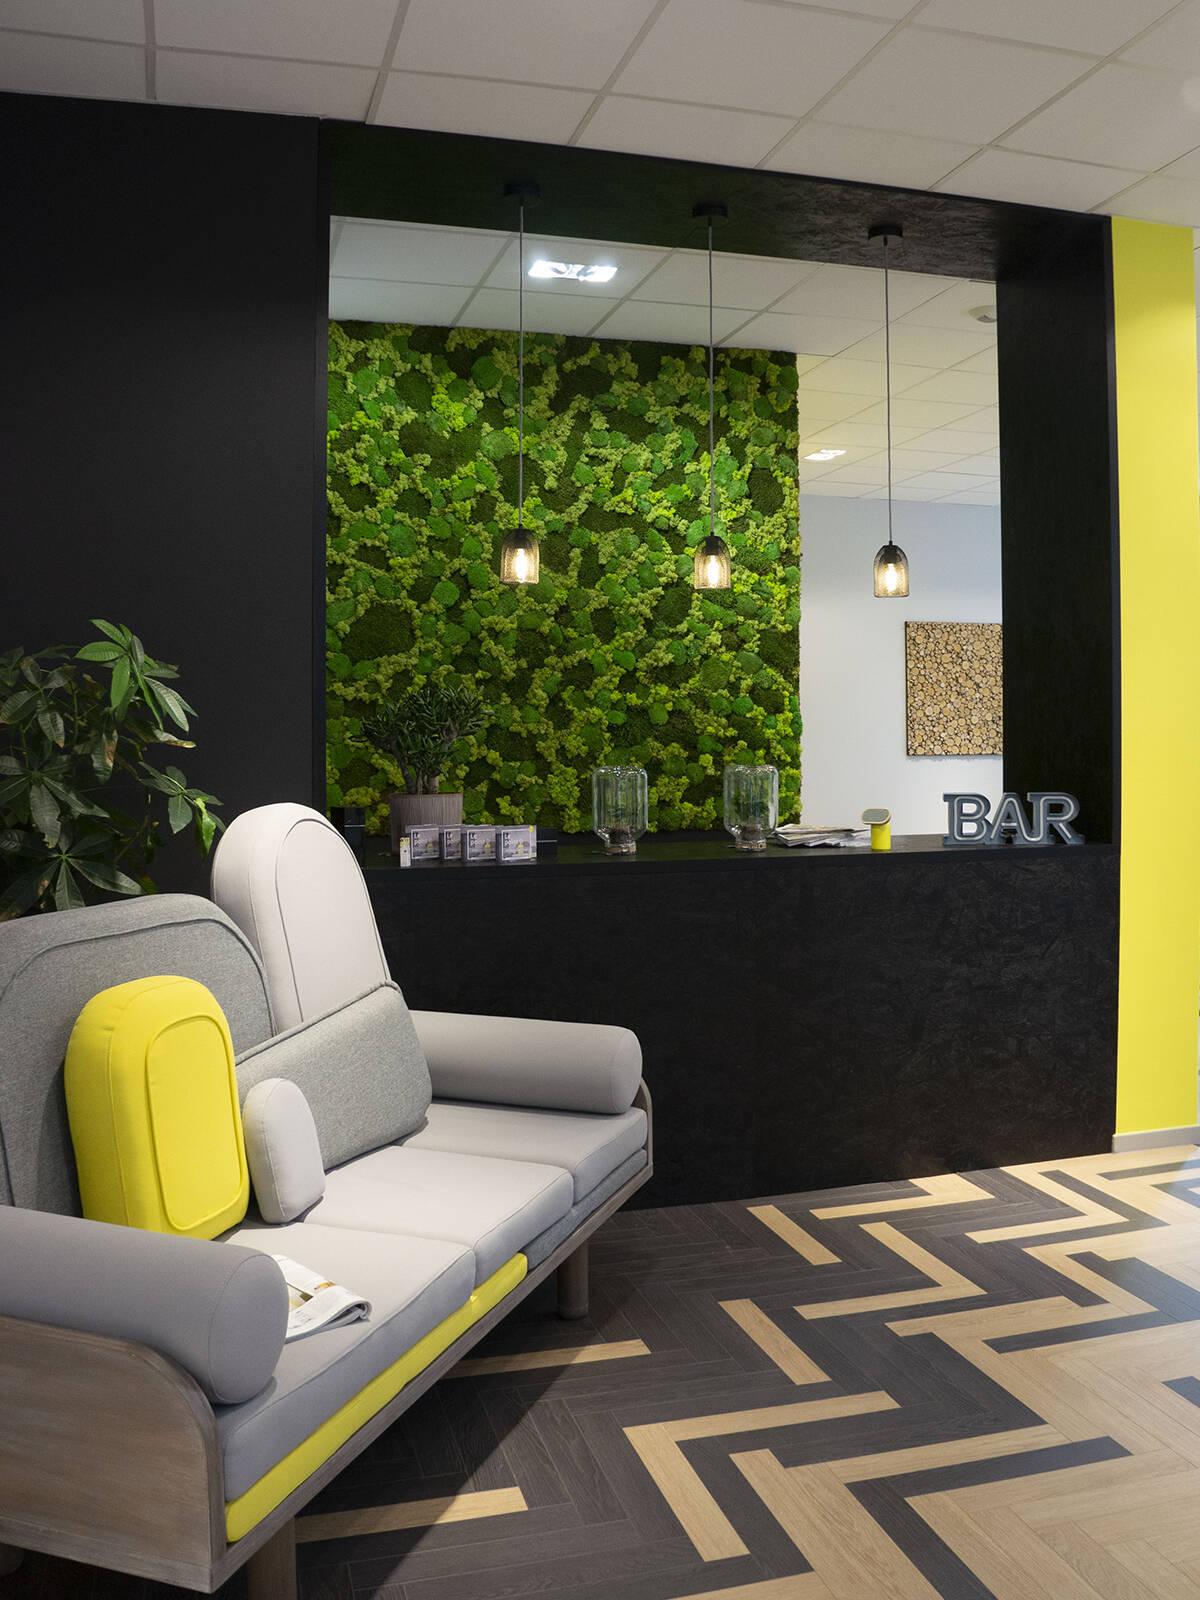 Bureaux Showroom Le point D - un projet de décoration et d'agencement pour vous acceuillir dans les meilleures conditions